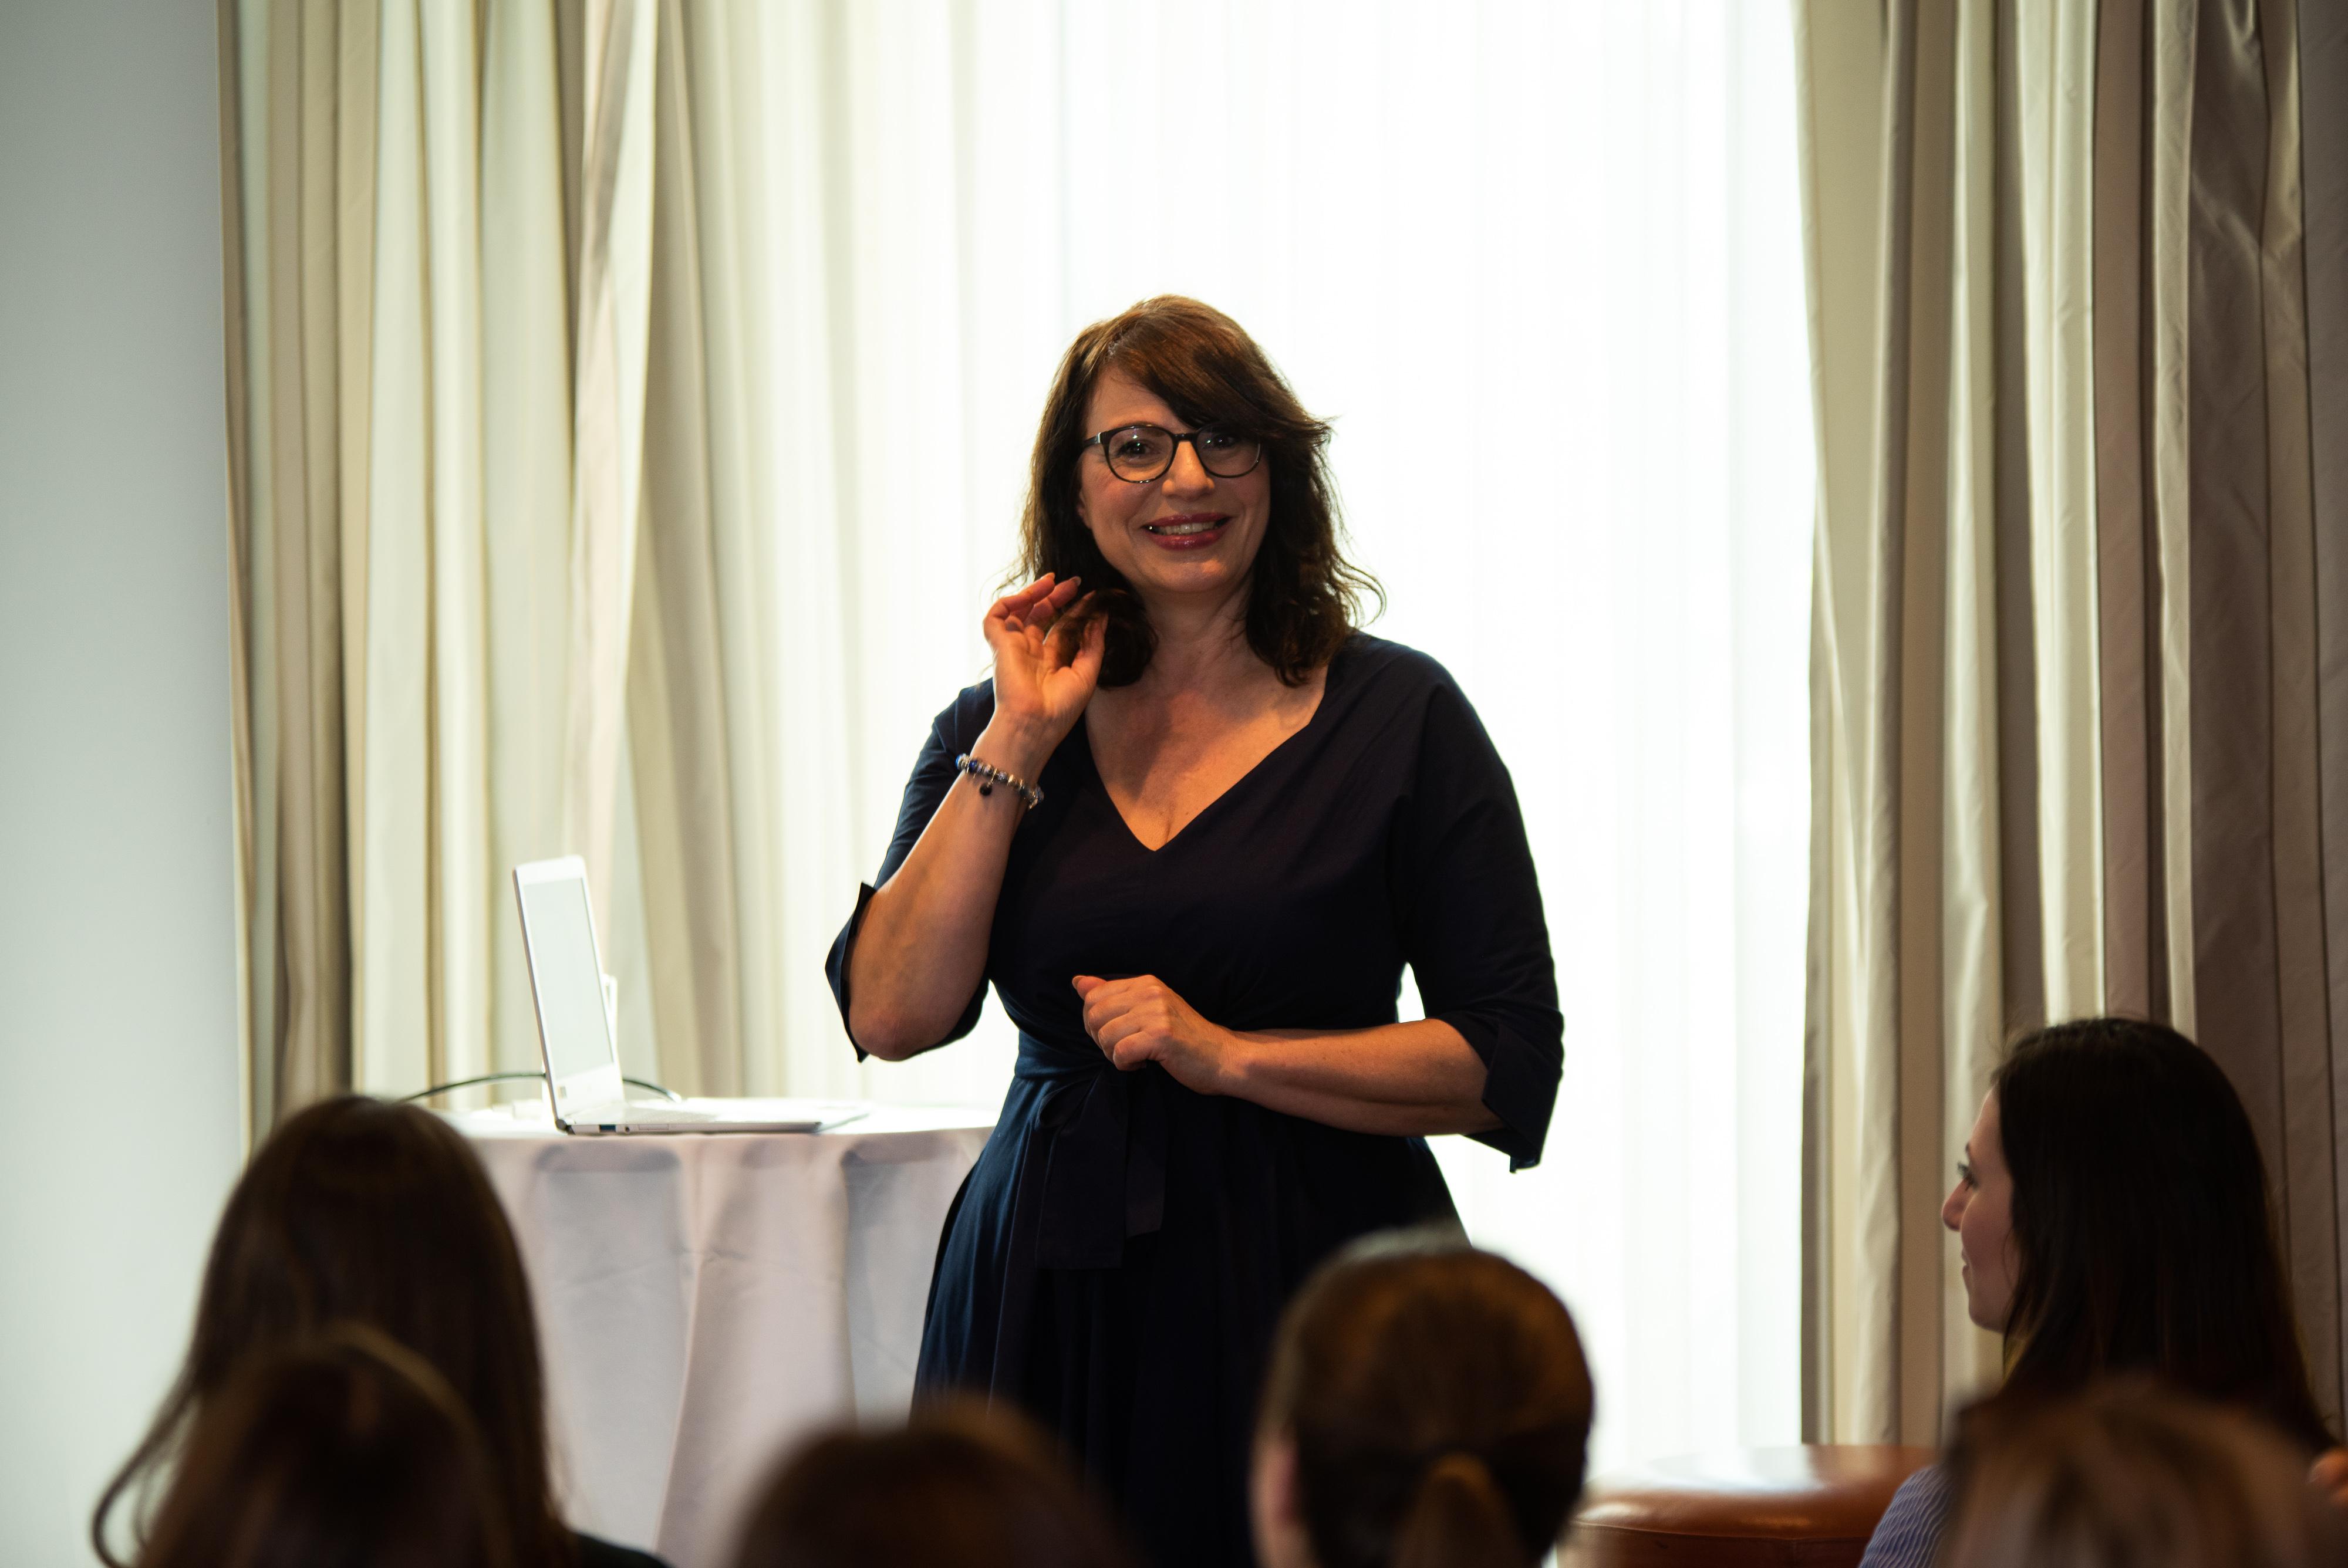 Networking Deluxe by Mediadeluxe! Die Fashiondeluxxe Style Party - Edition: Business bot den Business Women in München eine stilvolle Plattform für's Netzwerken - Vortrag